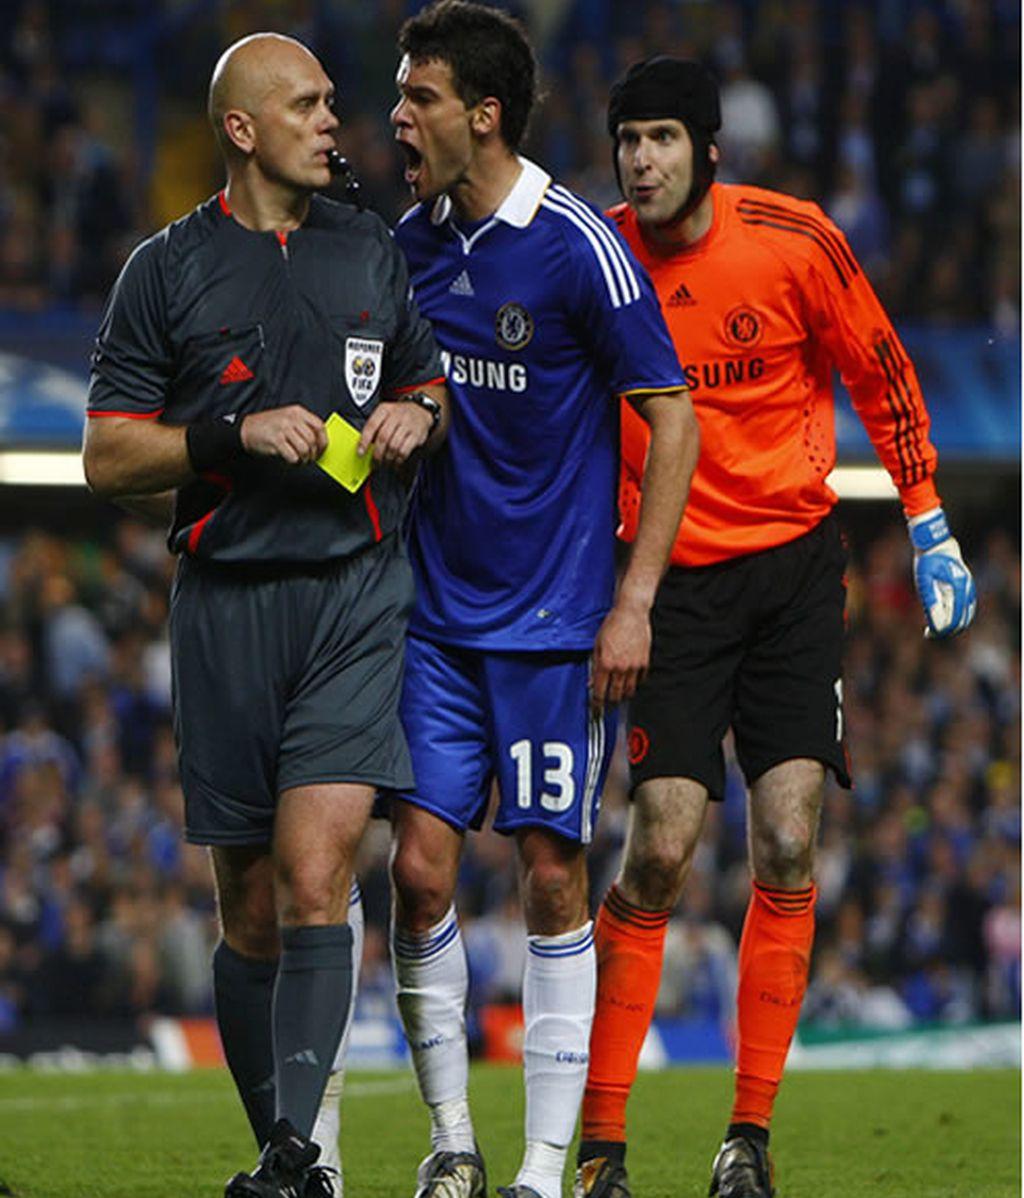 El Chelsea no pudo contener su rabia durante todo el partido por el arbitraje